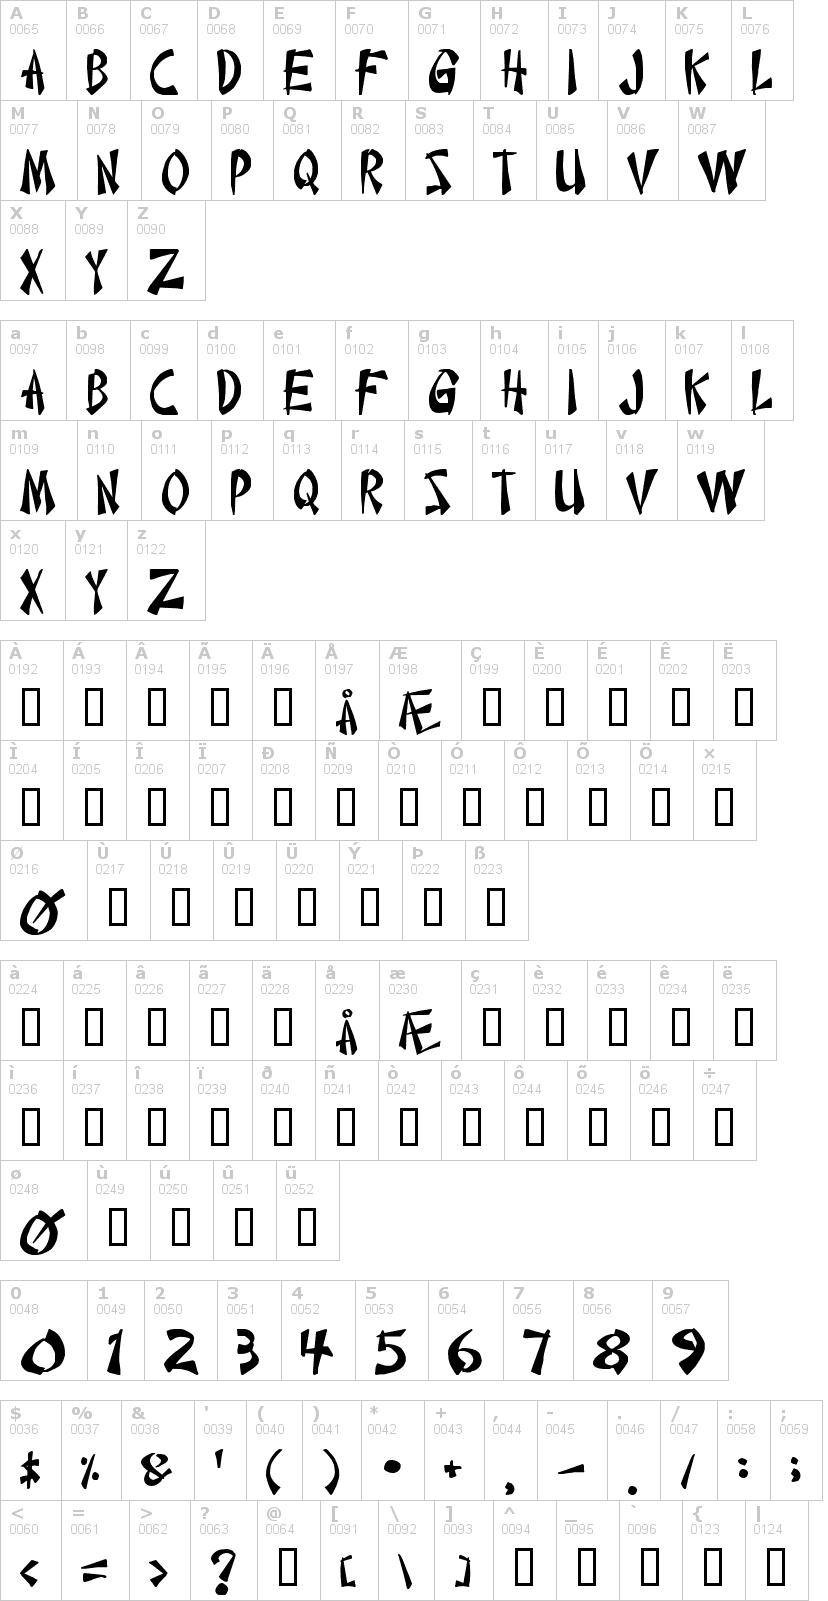 Lettere dell'alfabeto del font chinese-takeaway con le quali è possibile realizzare adesivi prespaziati